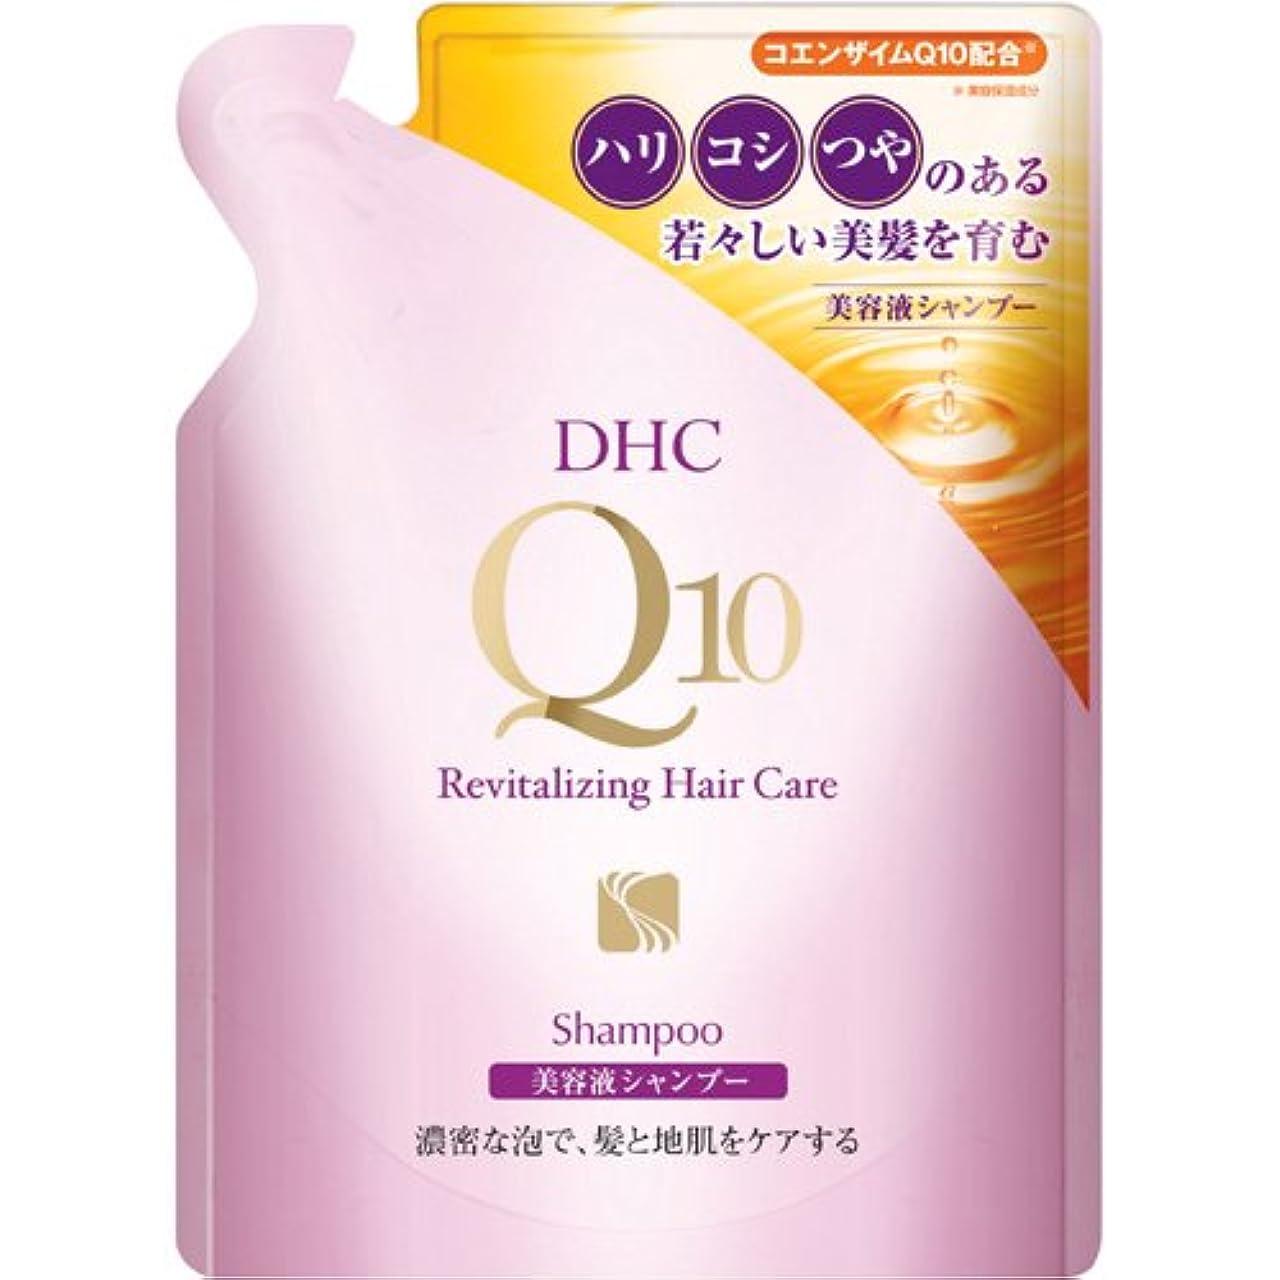 上院意図するアシストDHC Q10美容液 シャンプー 詰め替え用 (SS) 240ml